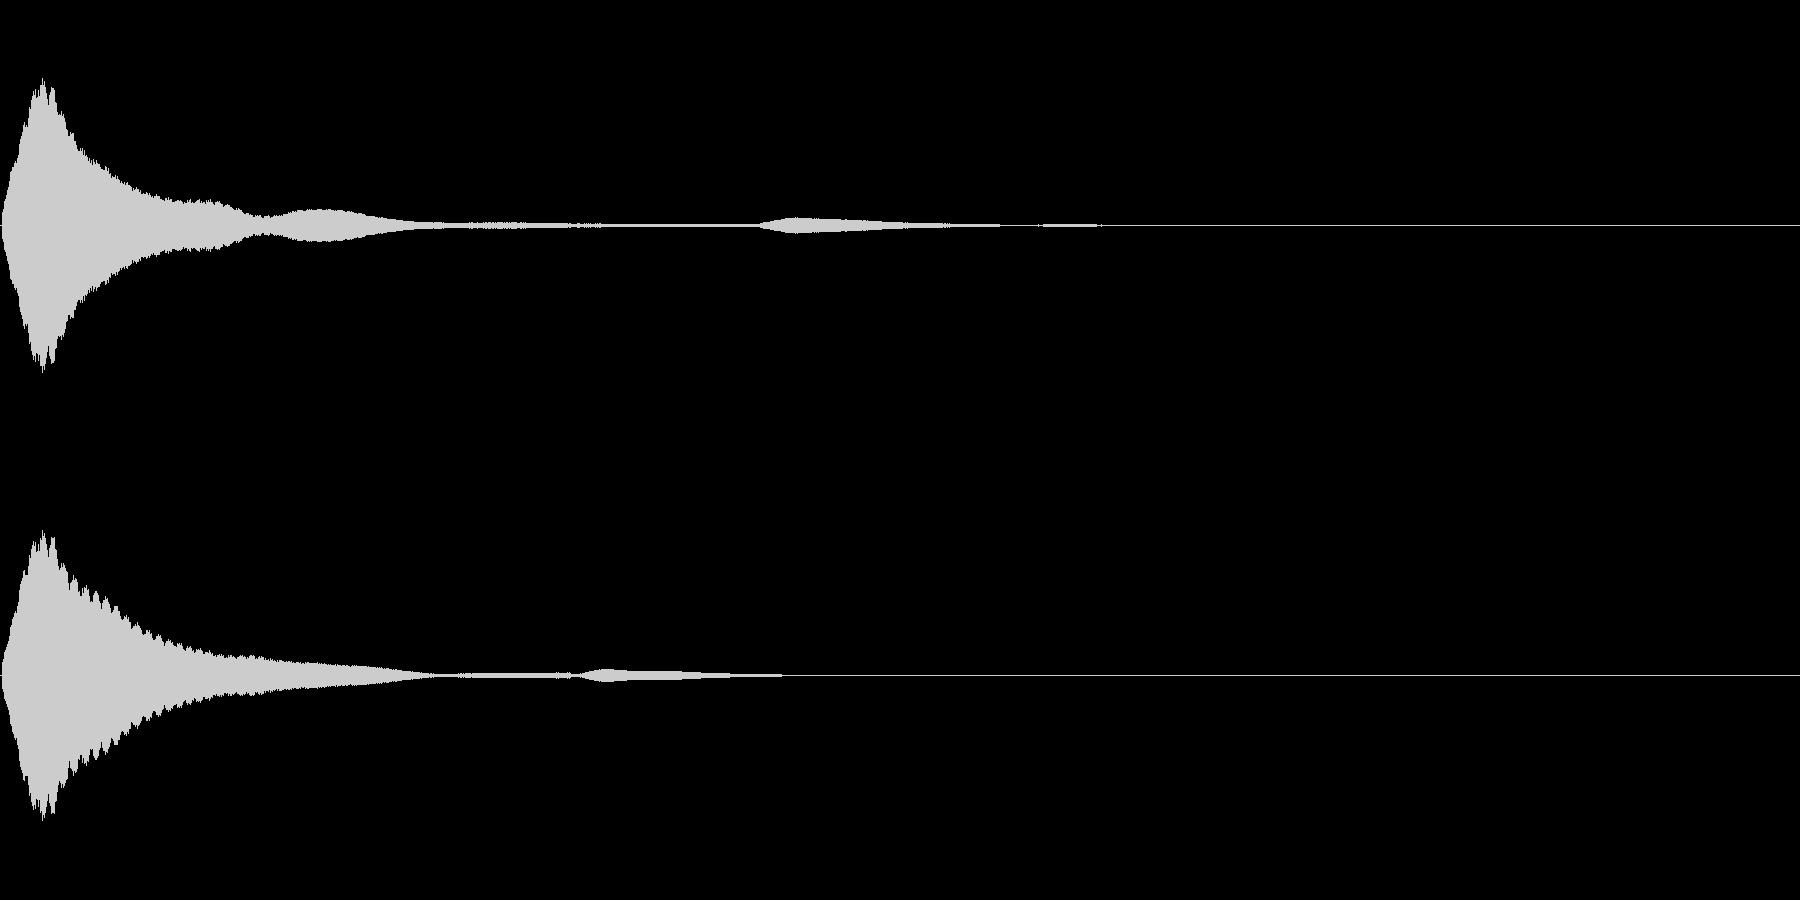 決定/クリック/選択音(ピッ)の未再生の波形